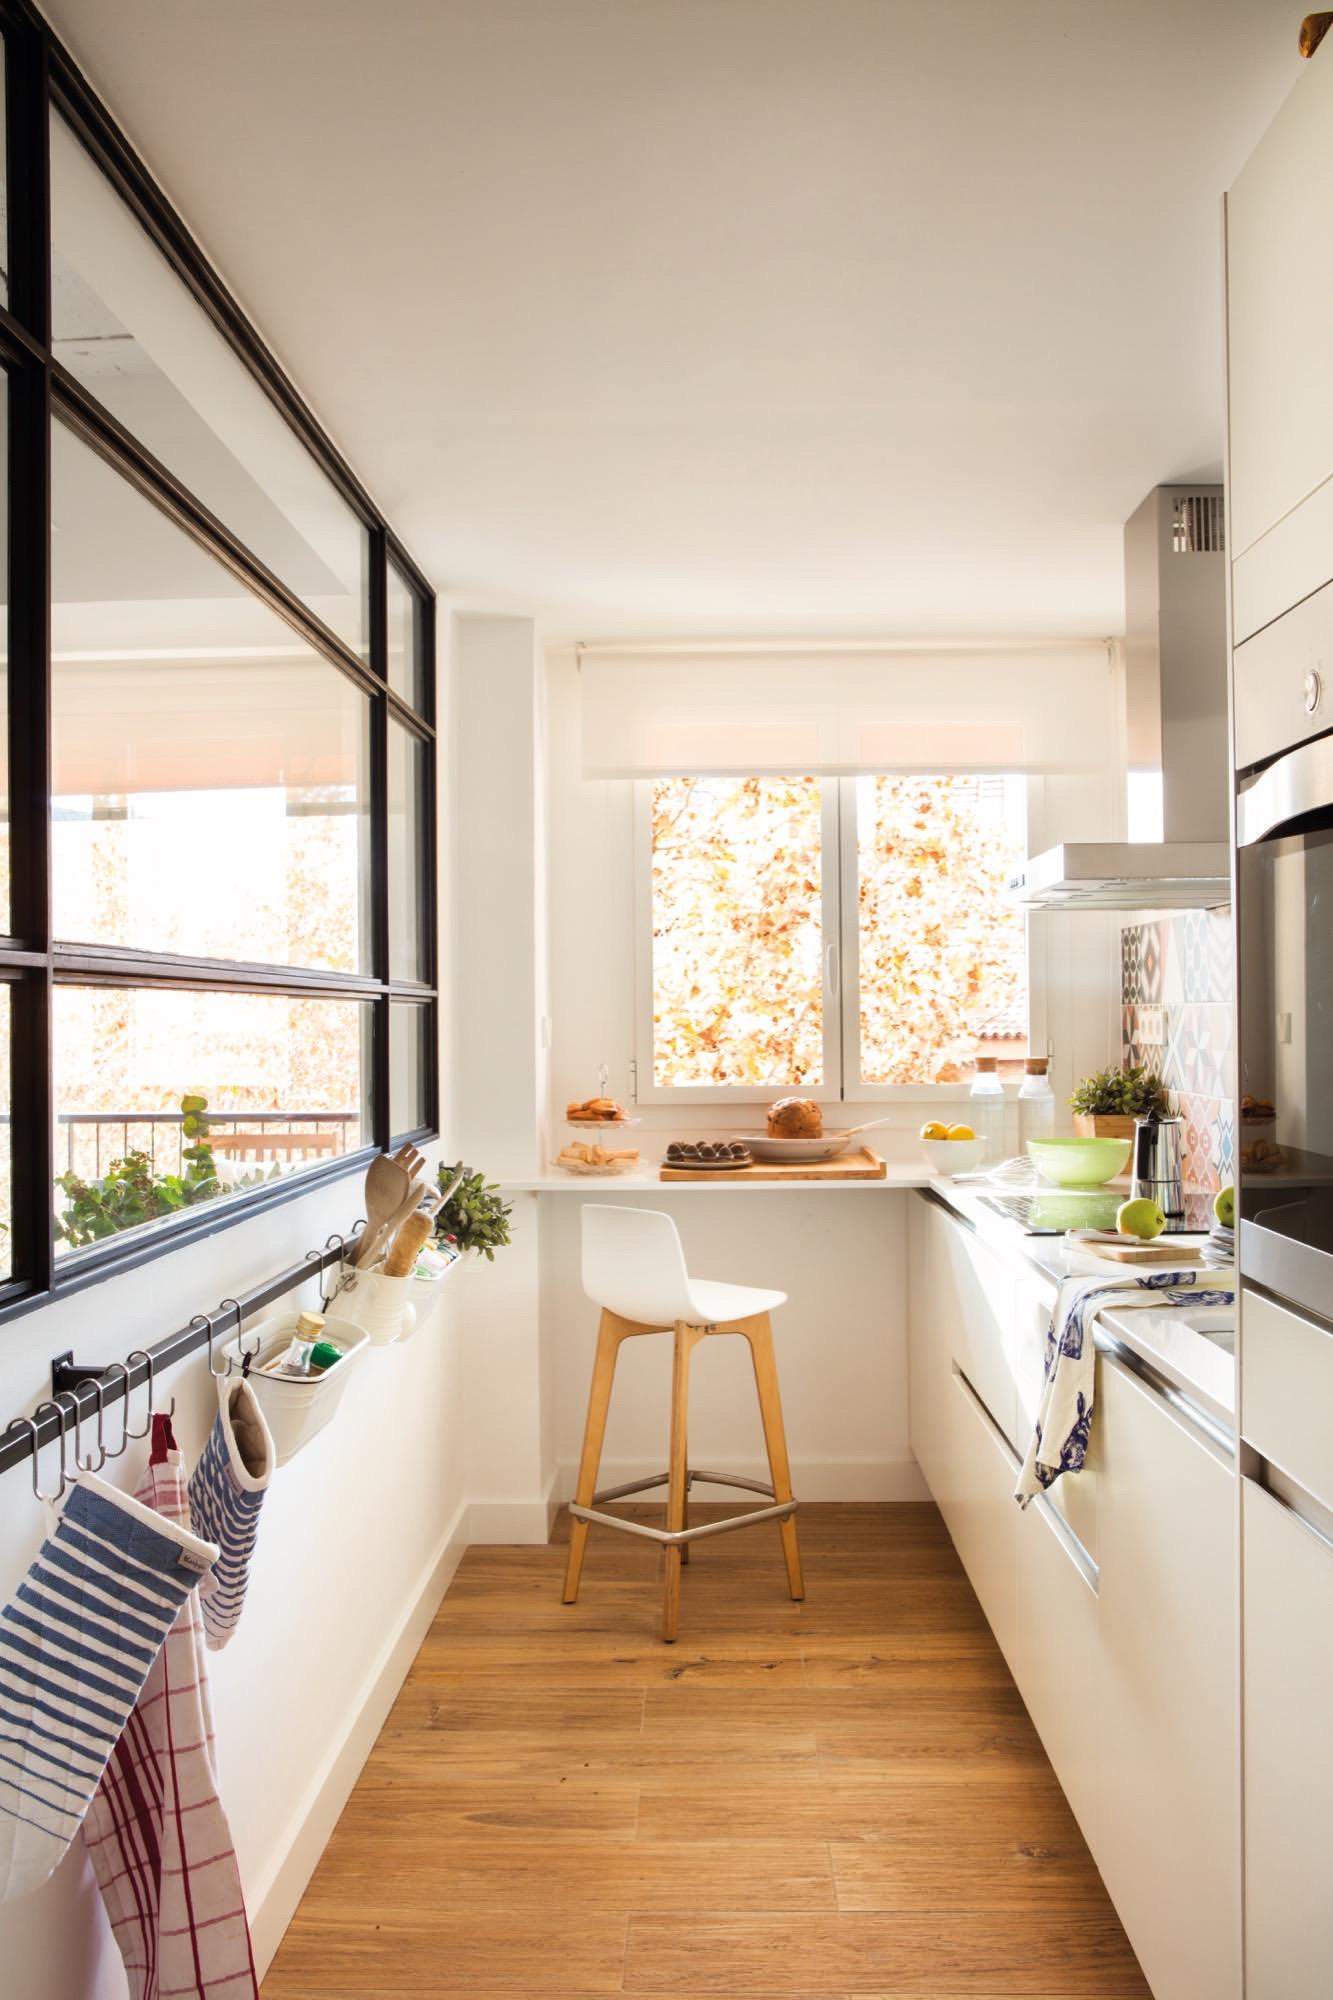 Obtenga Un Interiorismo Cocinas Fotos De Casa Diseño